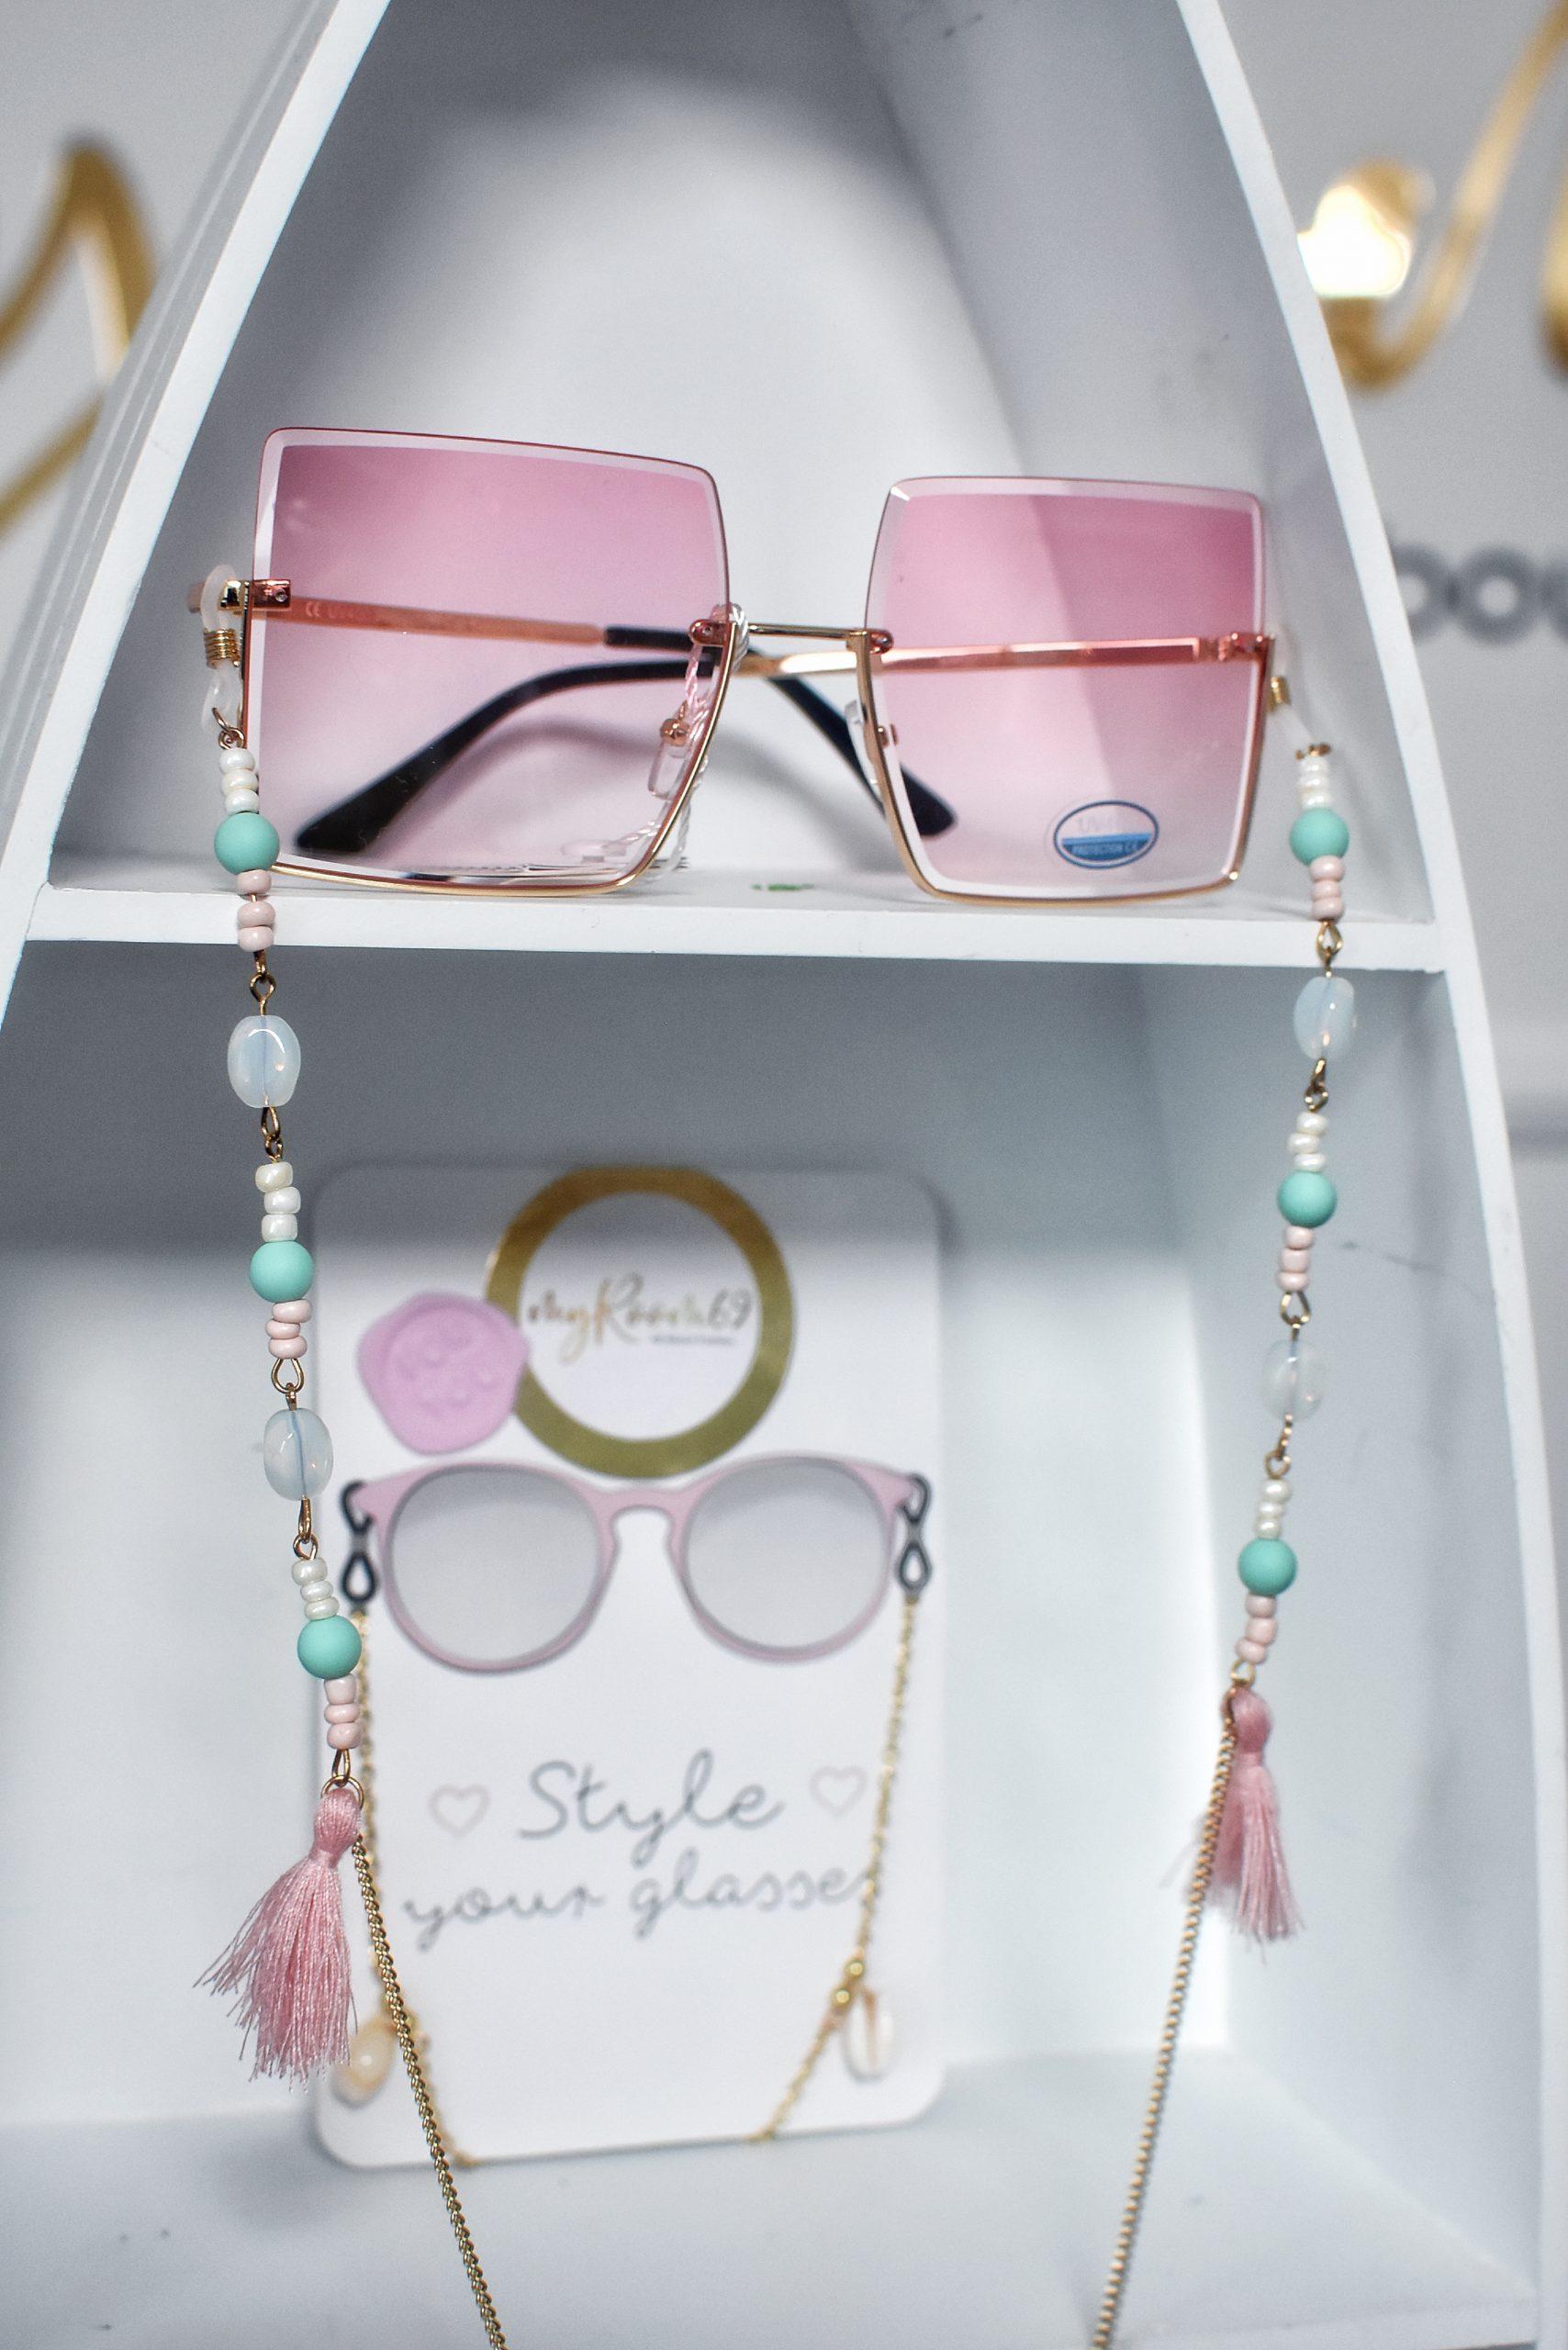 Sonnenbrillen & Zubehör